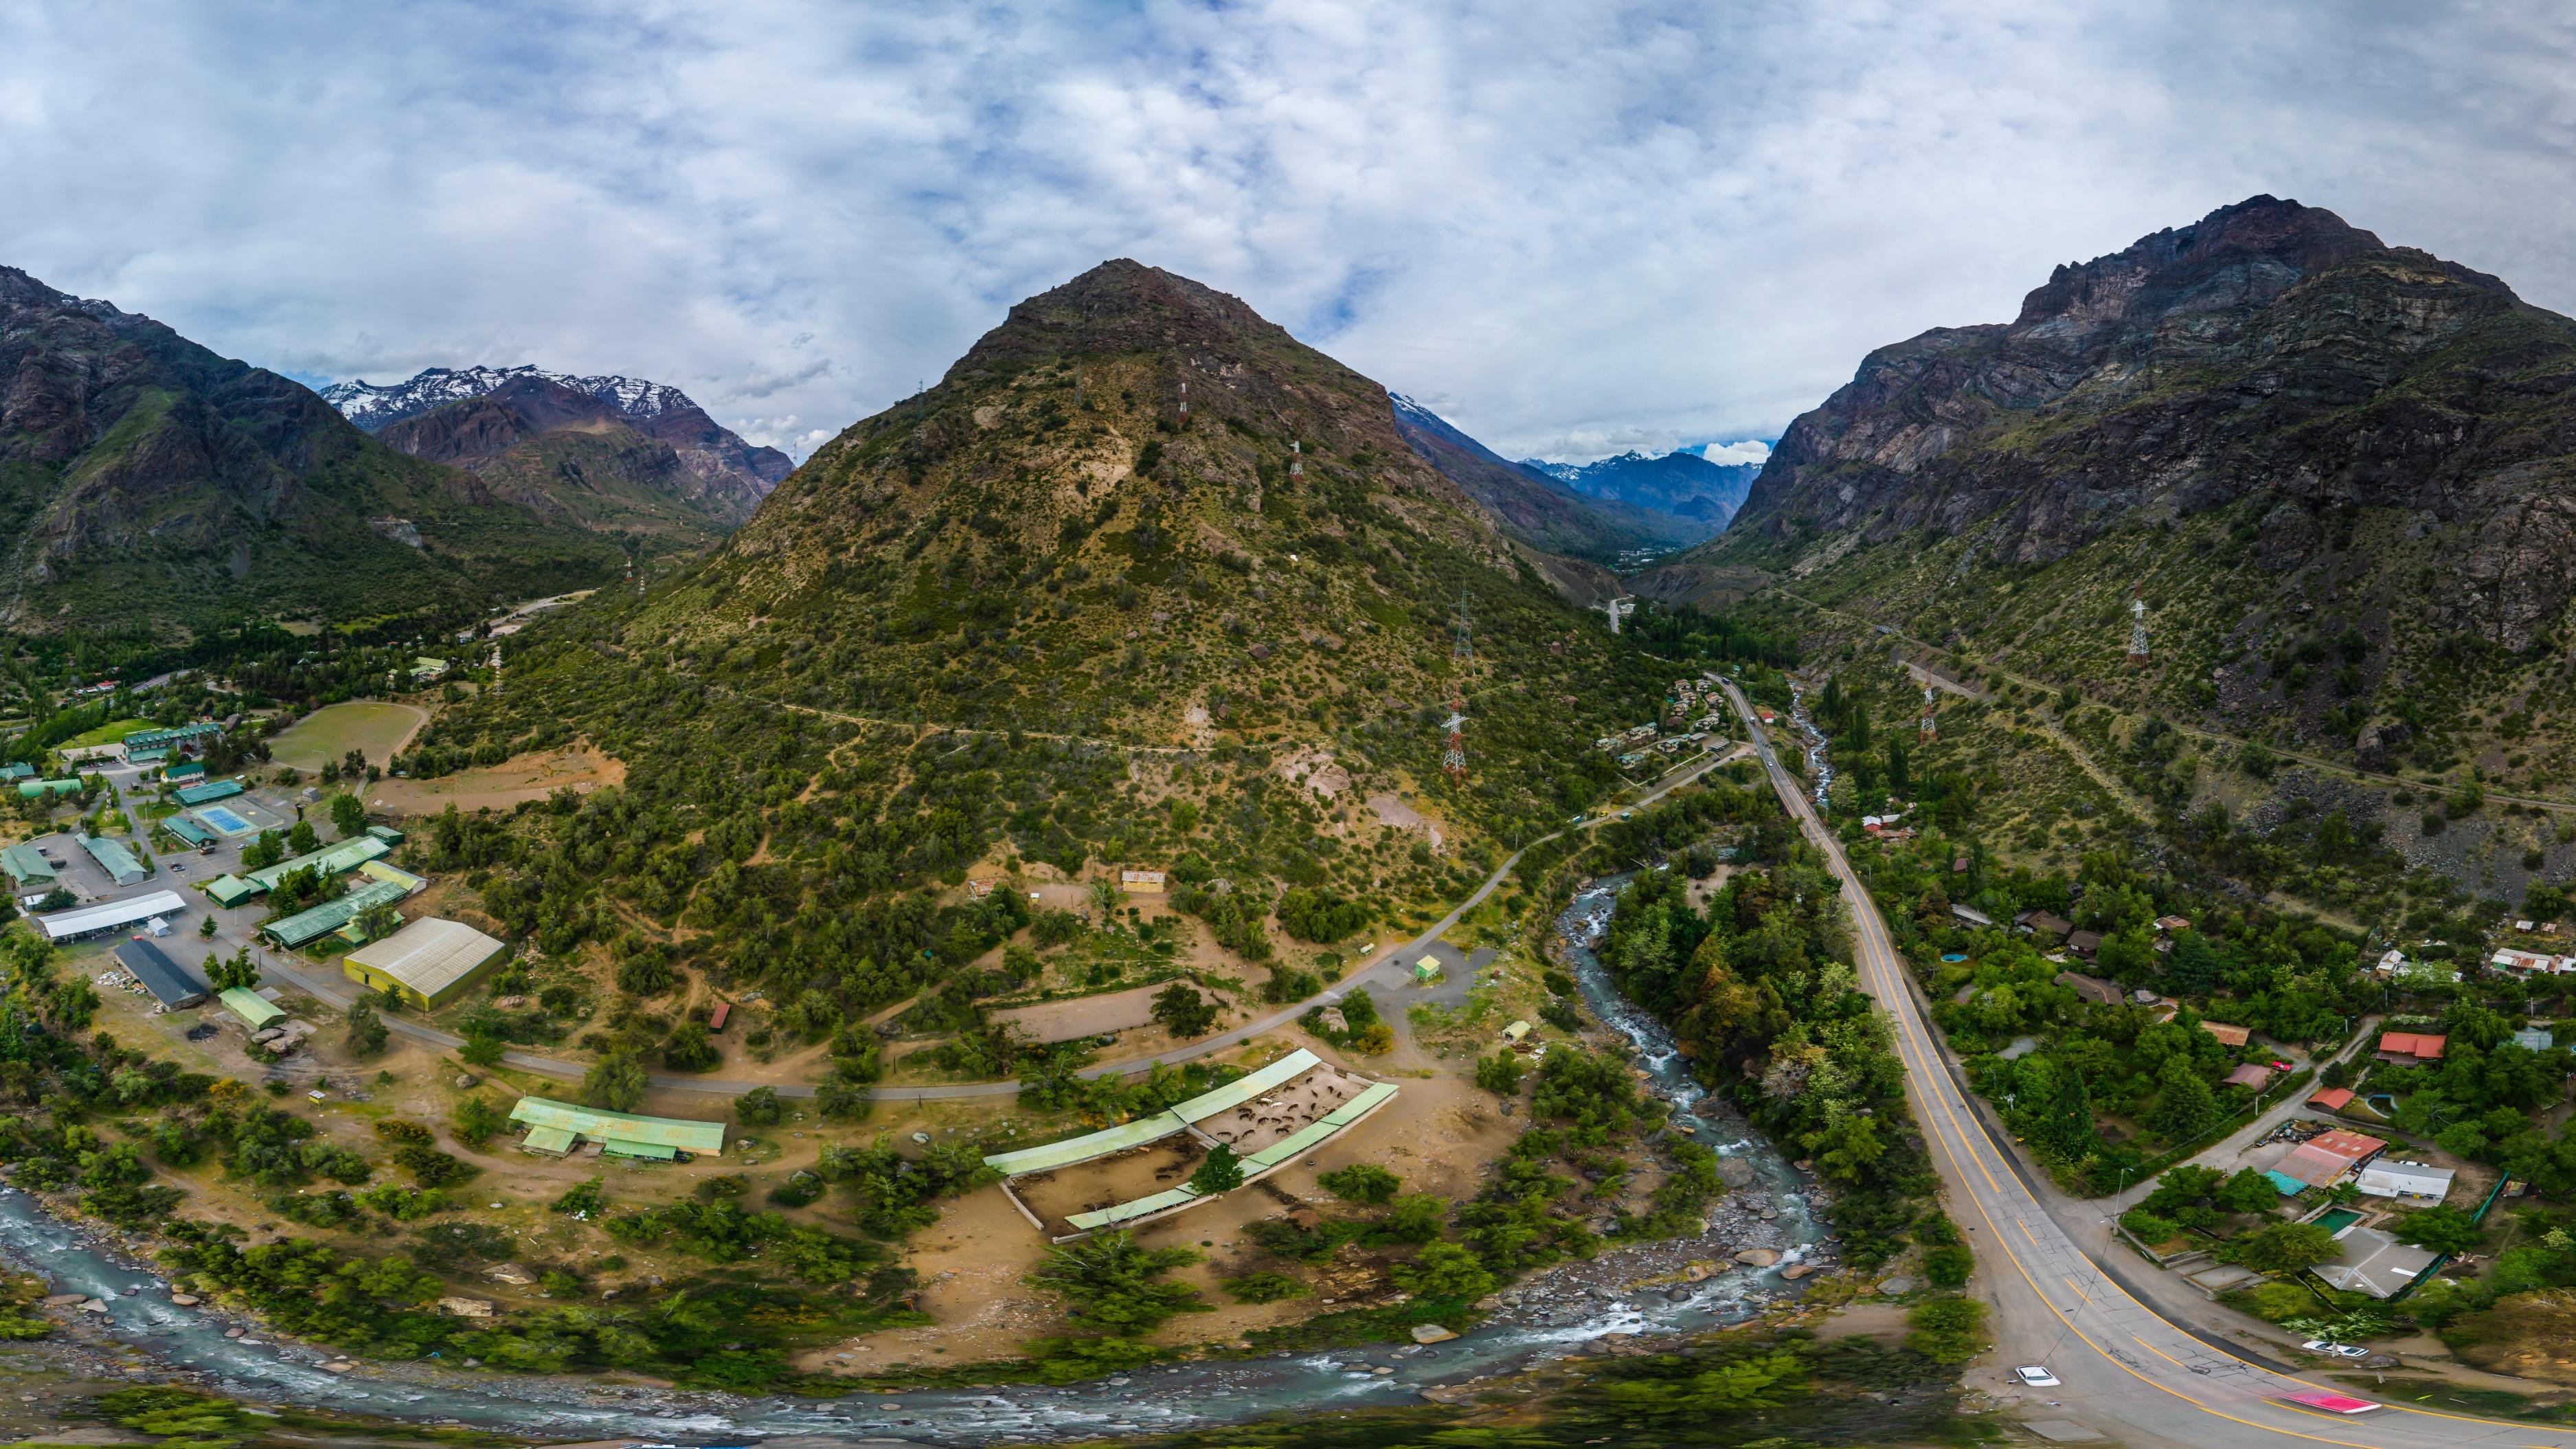 Río Blanco Los Andes